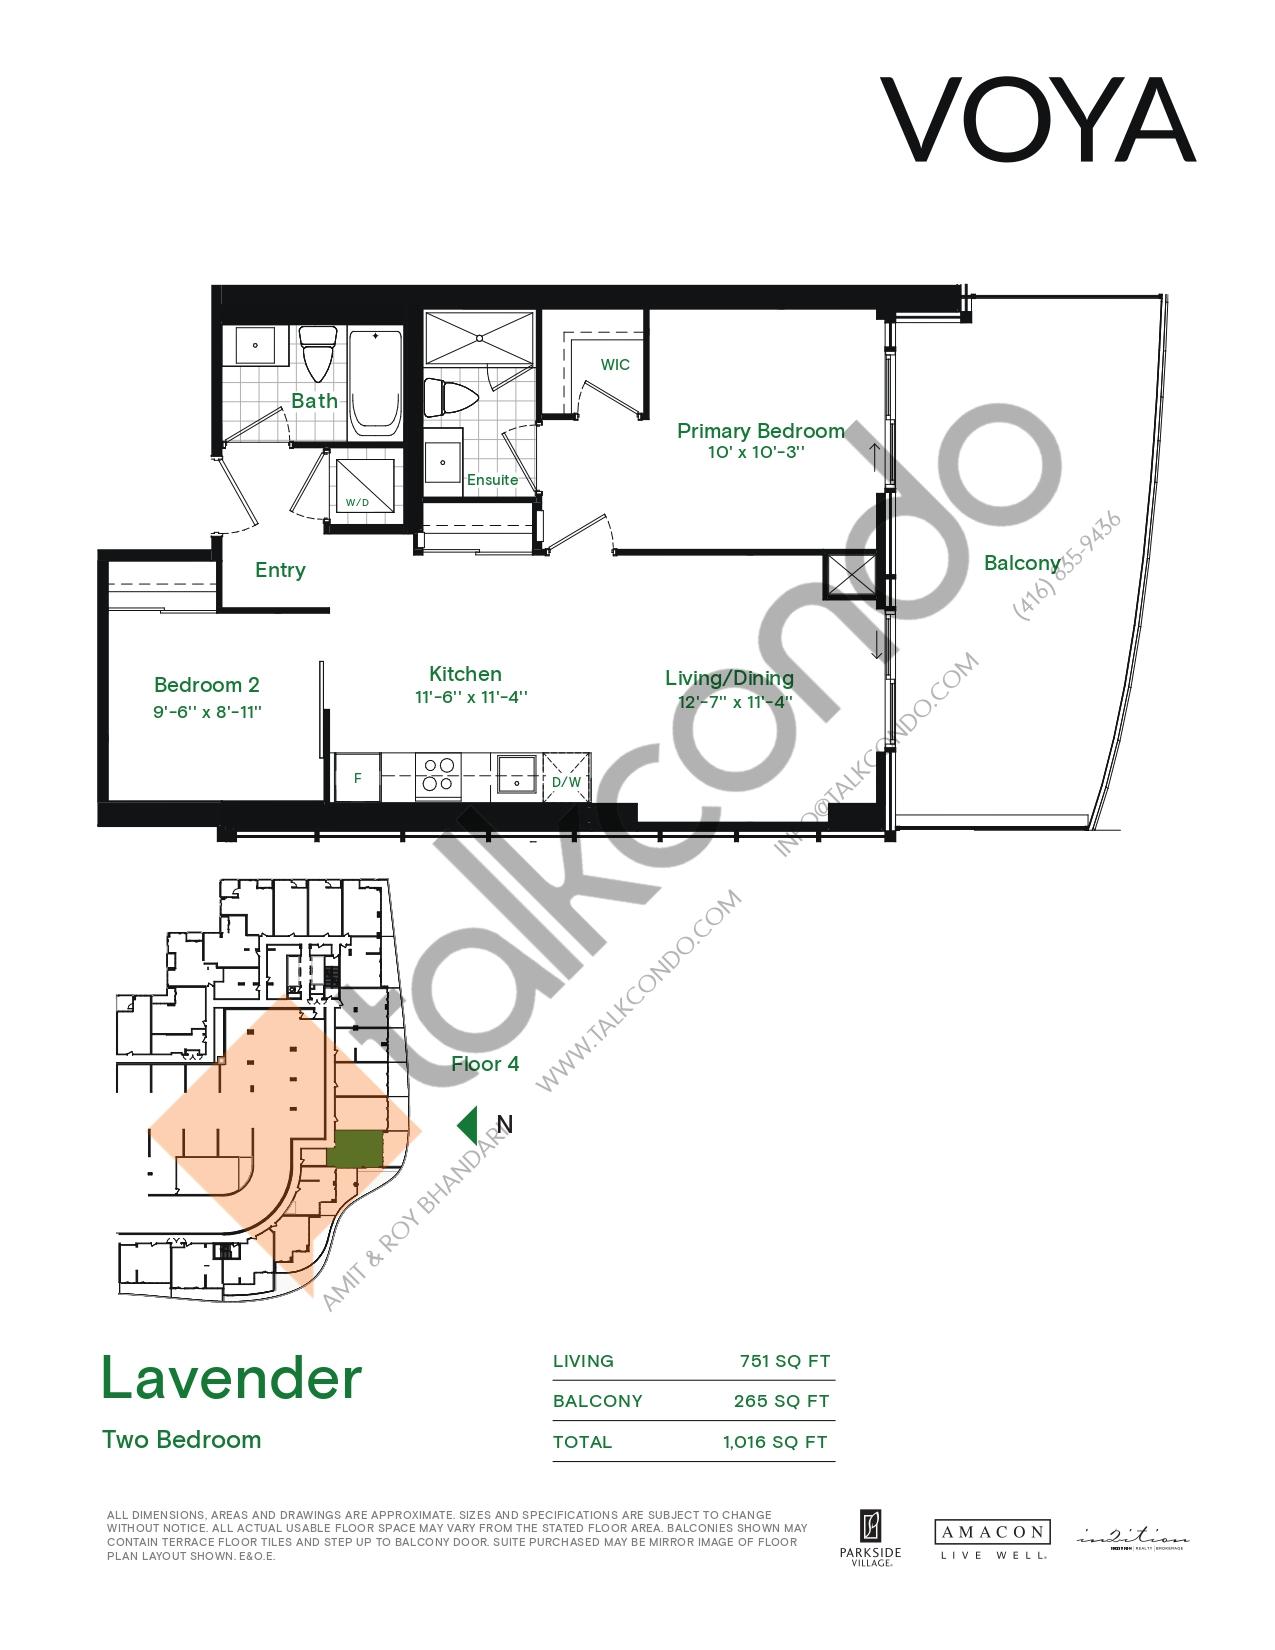 Lavender (Podium) Floor Plan at Voya at Parkside Village Condos - 751 sq.ft